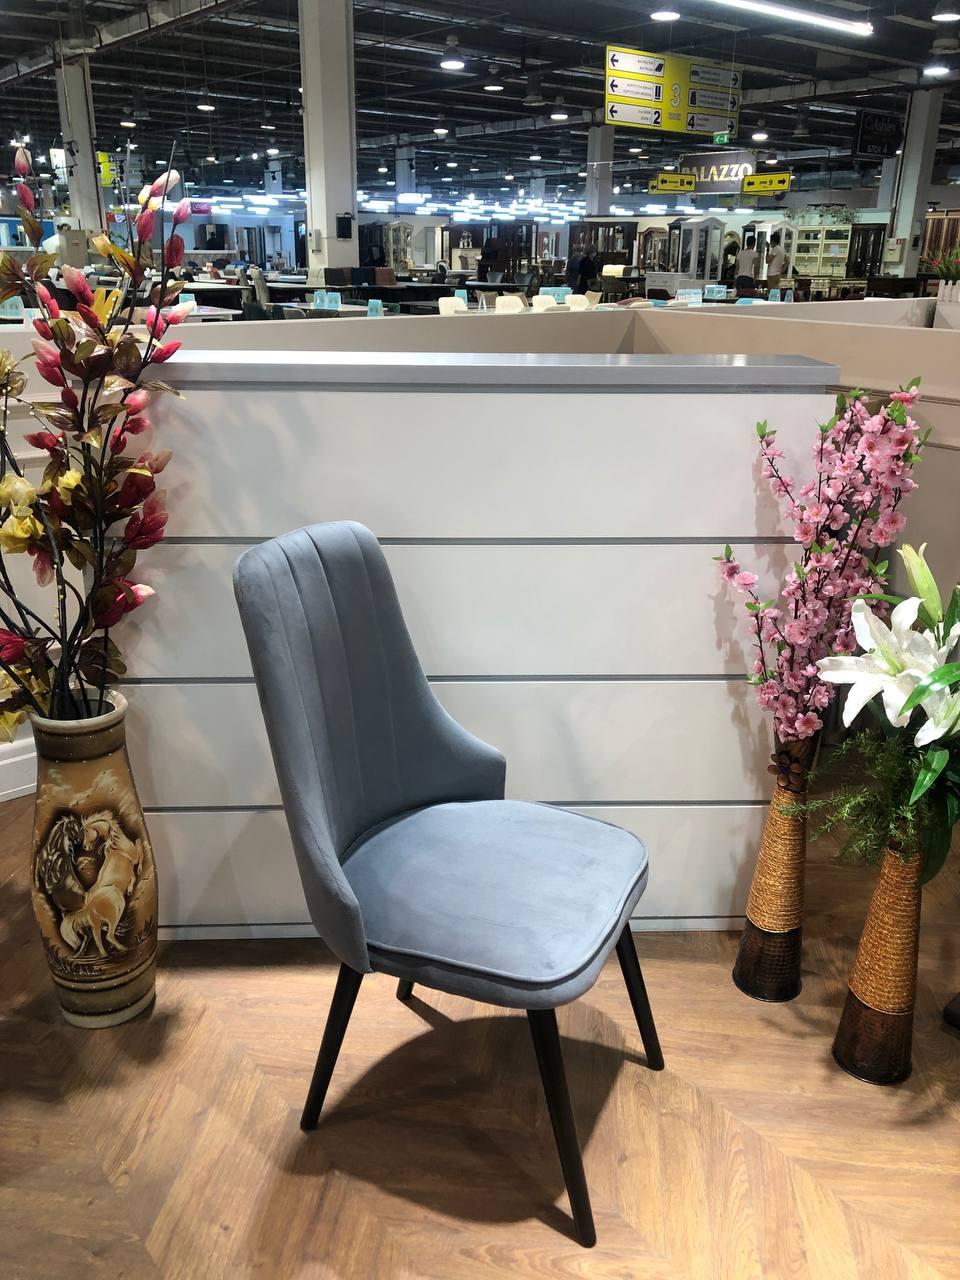 Мебельный цех изготавливает и продает стулья в Алматы, тел. +77786016143